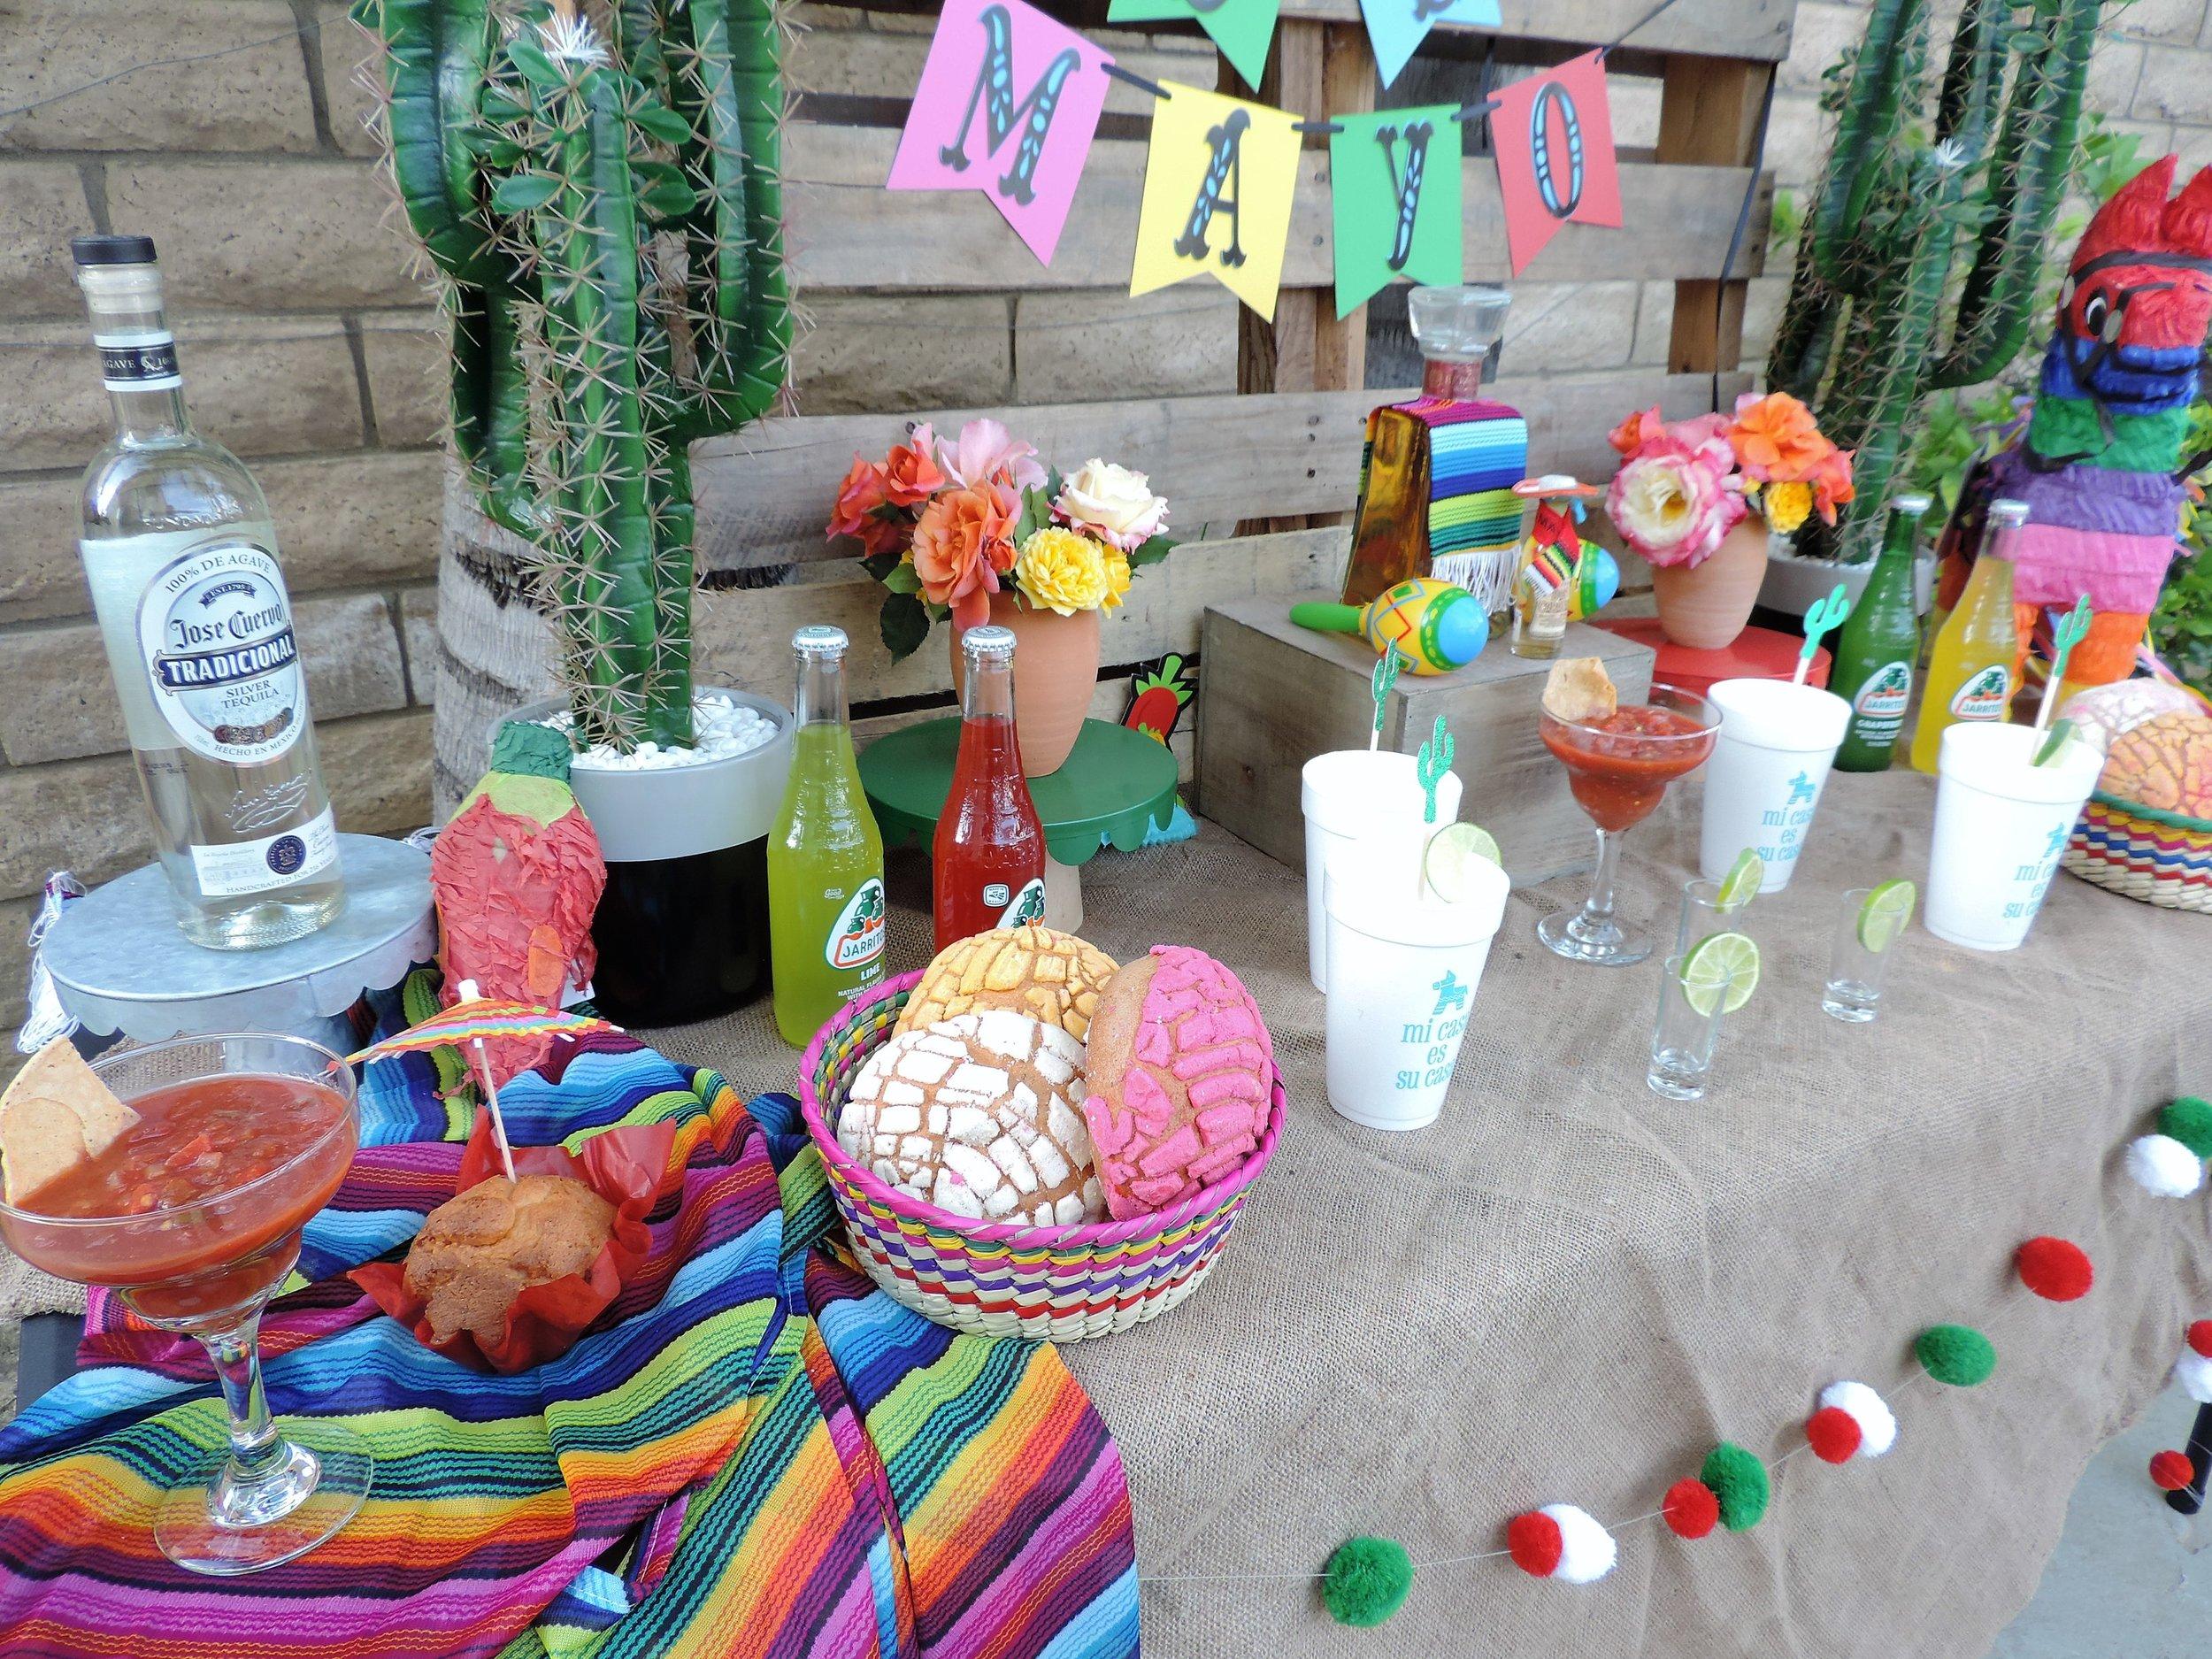 Fiesta Party Decor.-Tequila Party Table-Cinco De Mayo Party-Tequila Party-Fiesta Party-Fiesta Drink Table-Tequila Party Ideas-Drinko De Mayo-Cinco De Mayo Party Idea-Mexican Theme Party-Fiesta-Cinco De Mayo Party Ideas and Decor-Taco Party-www.SugarPartiesLA.com